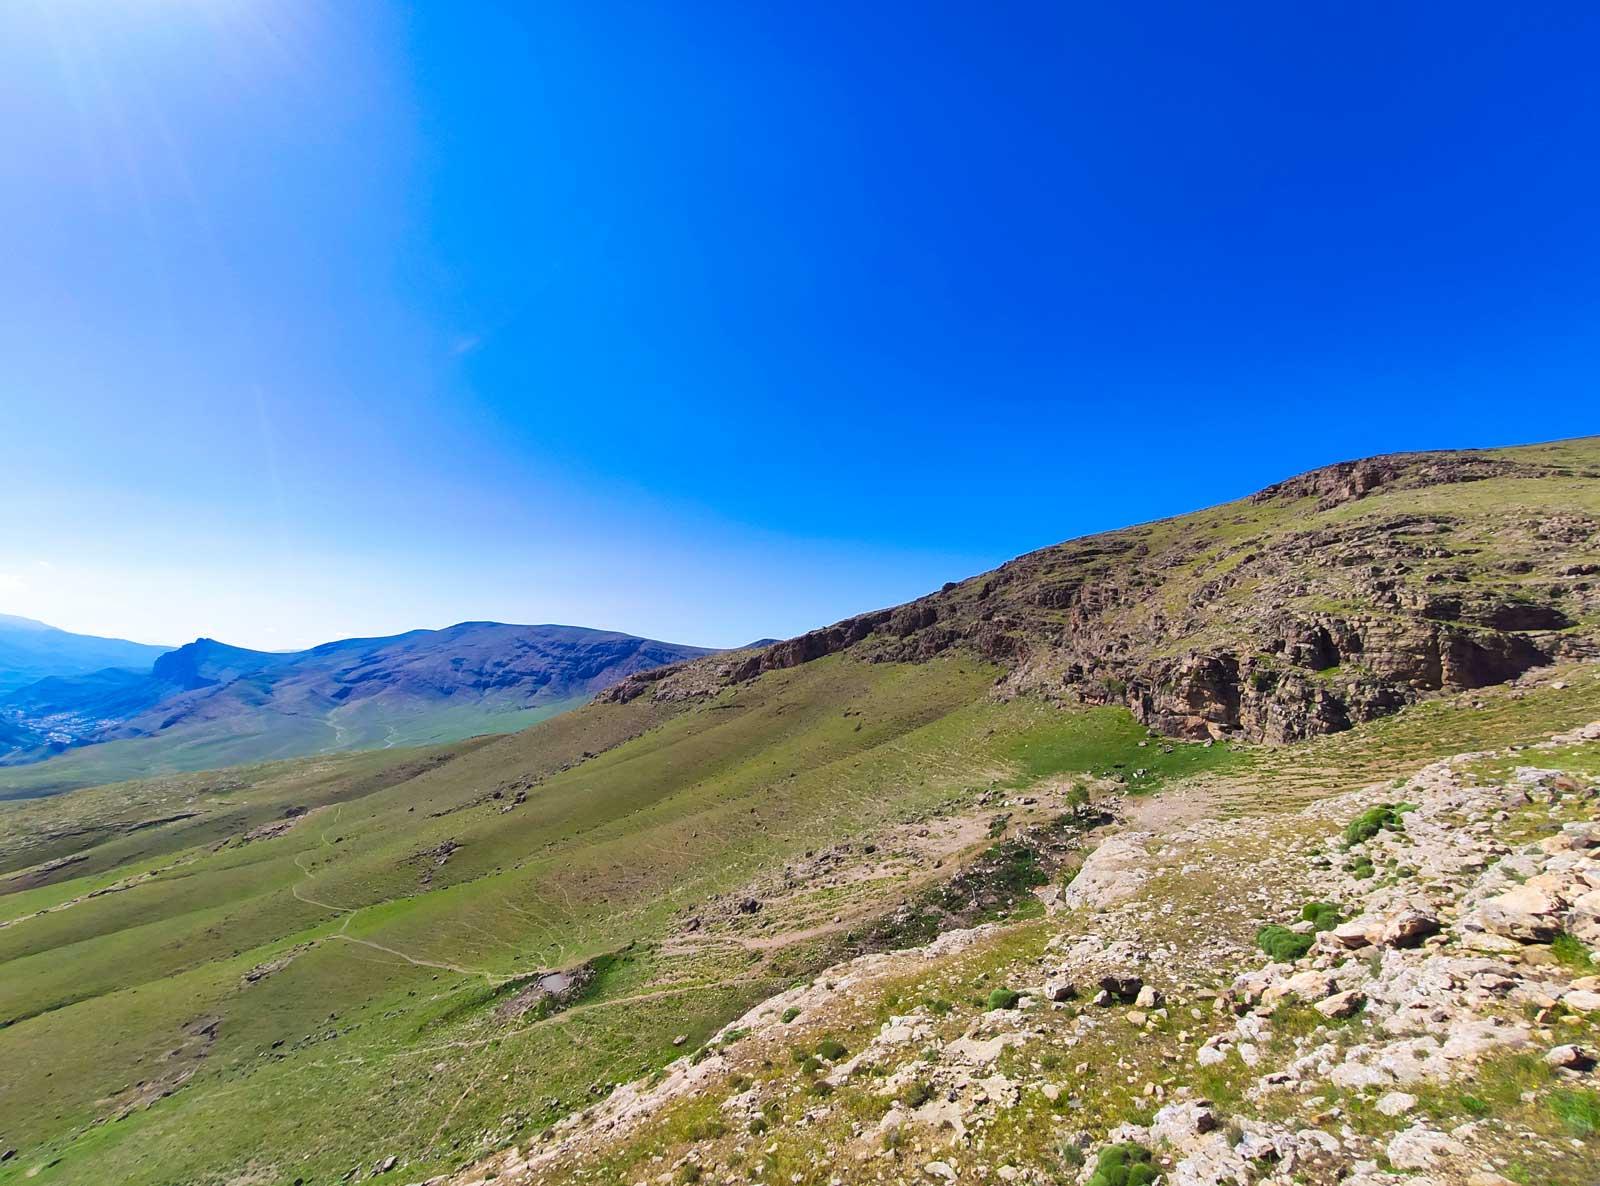 مسیر پاکوب آتابی در دامنه کوه